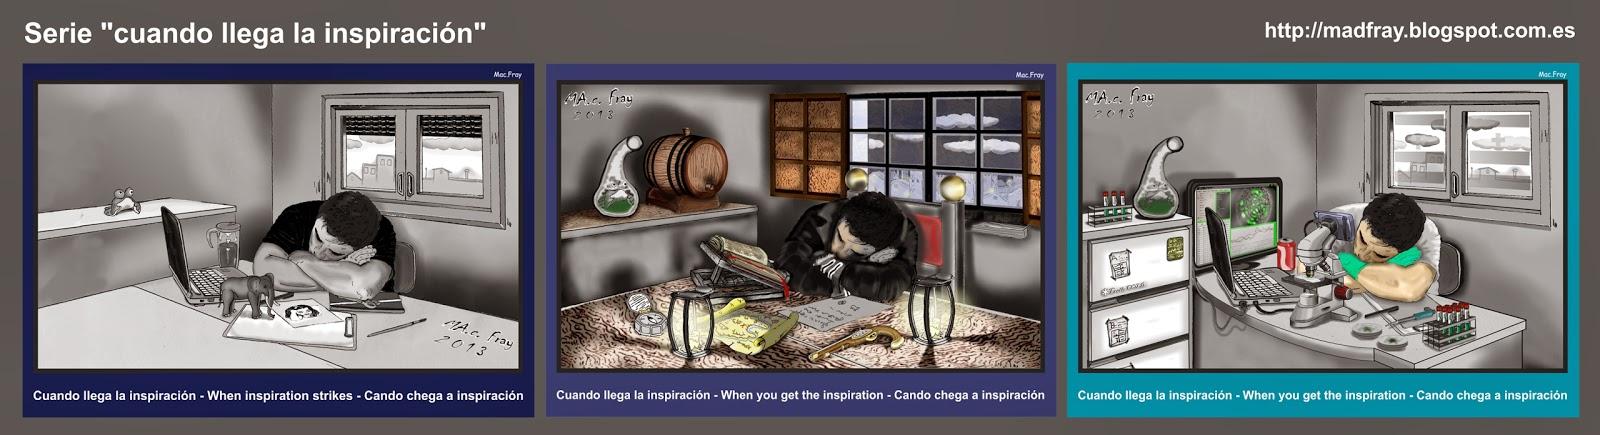 Ejemplos de ilustraciones realizadas